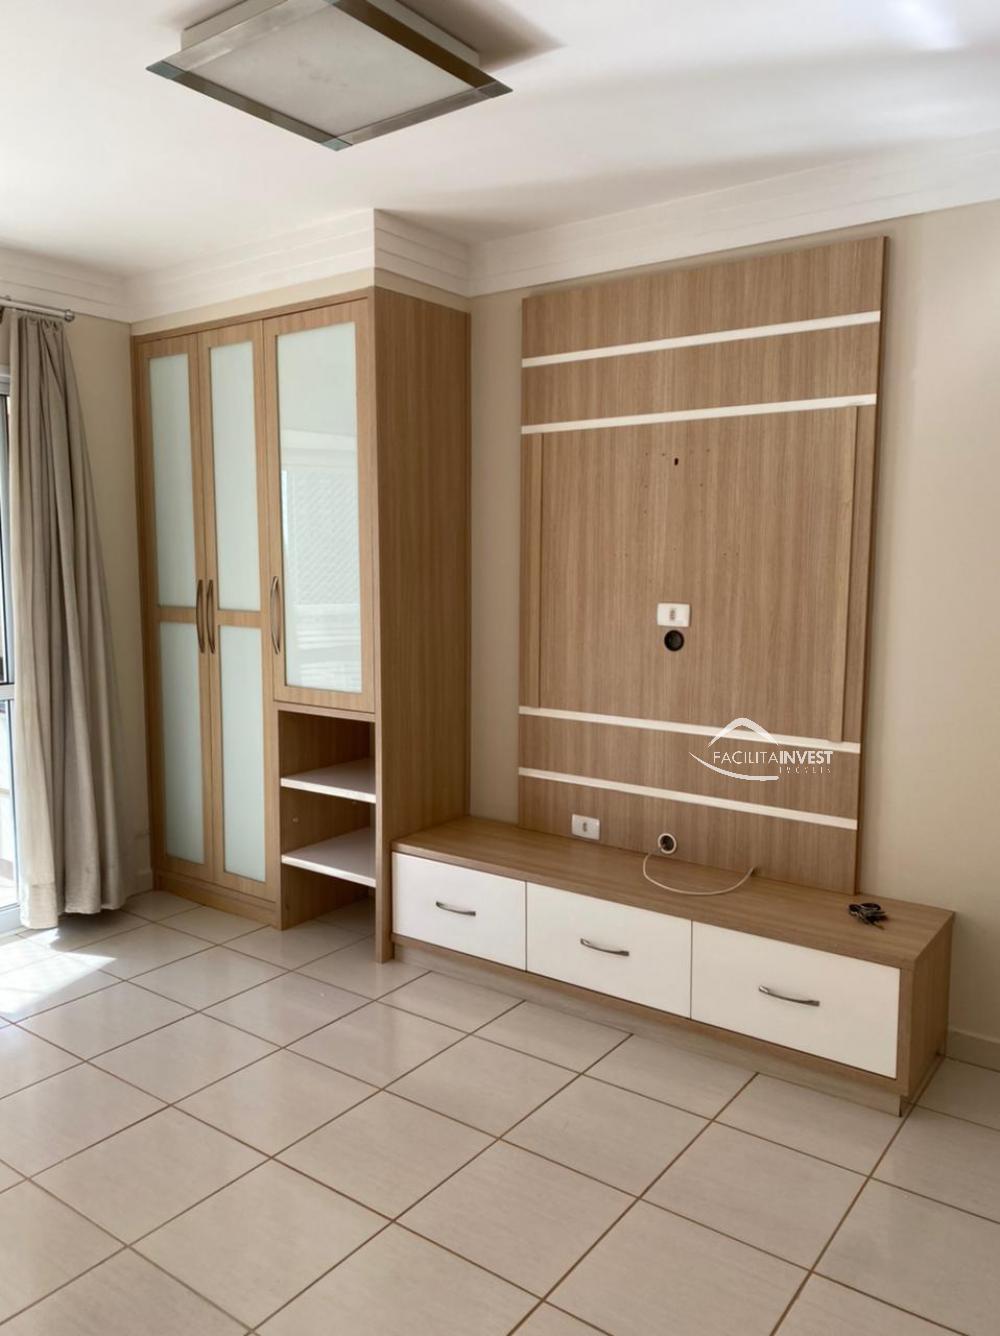 Alugar Apartamentos / Apart. Padrão em Ribeirão Preto R$ 2.400,00 - Foto 3